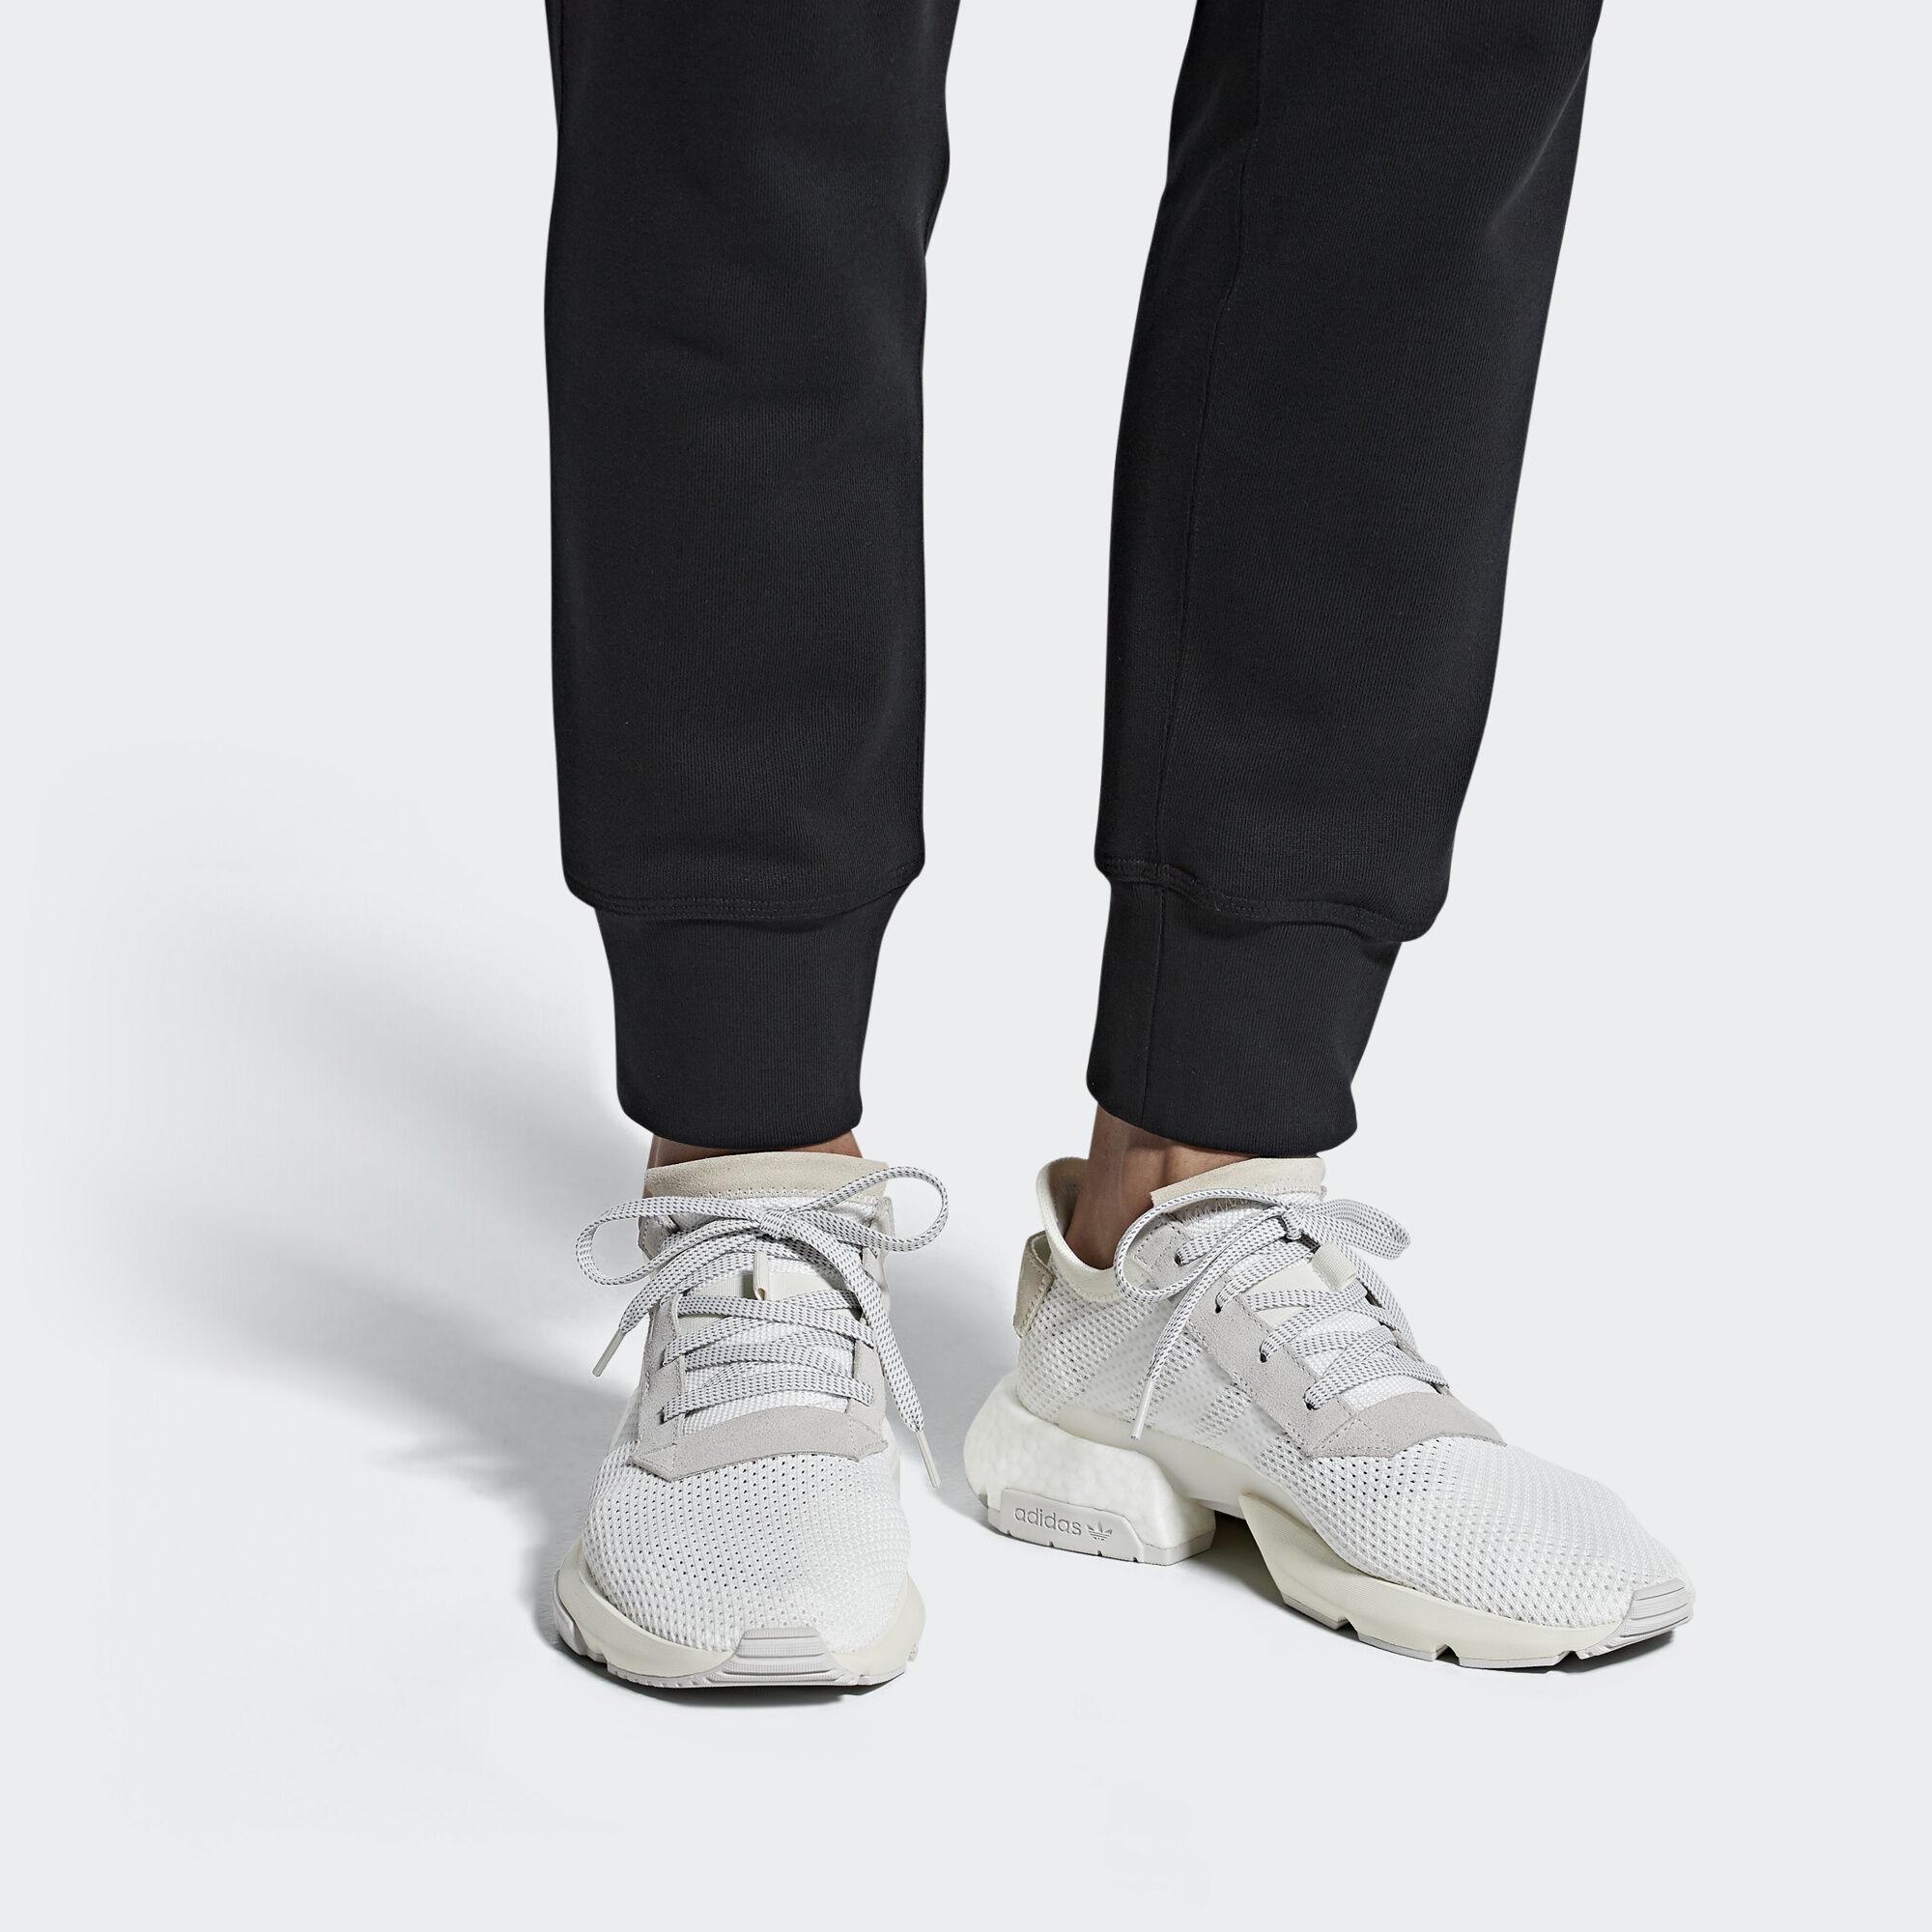 wholesale dealer c707e f4737 adidas POD-S3.1 Schuh - schwarz  adidas Deutschland